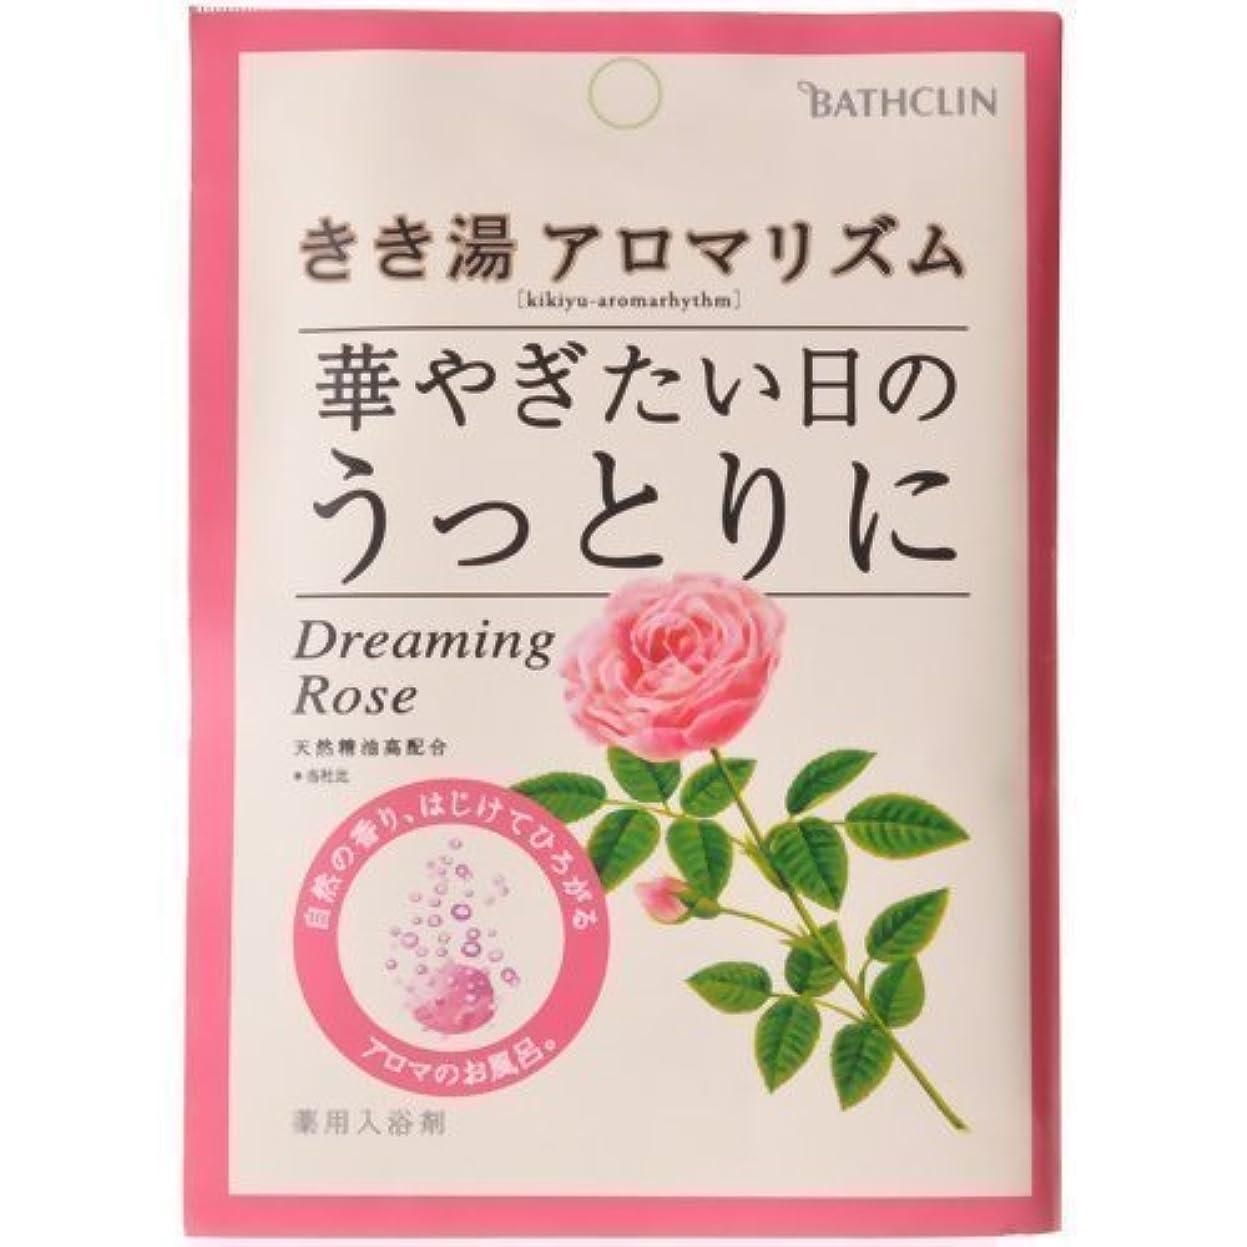 明らかに国ハードウェア【まとめ買い】きき湯 アロマリズム ドリーミングローズの香り 30g ×4個